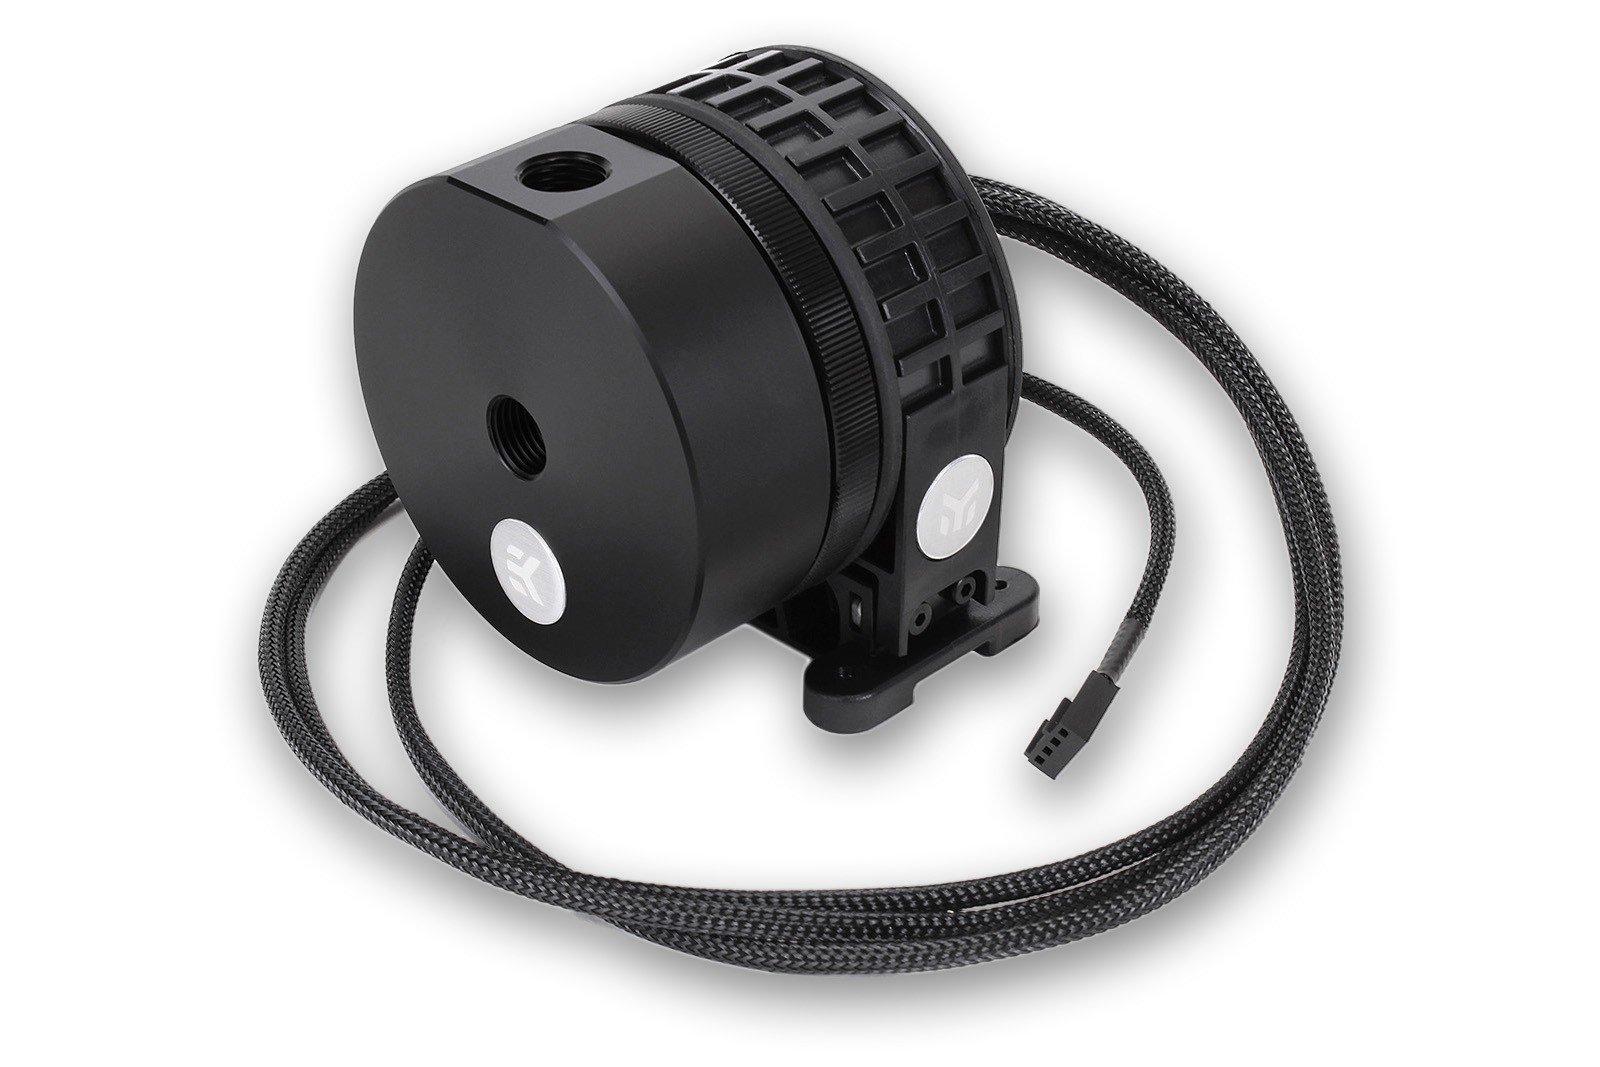 EKWB EK-XTOP Revo D5 PWM (incl. sleeved pump), Acetal by EKWB (Image #2)